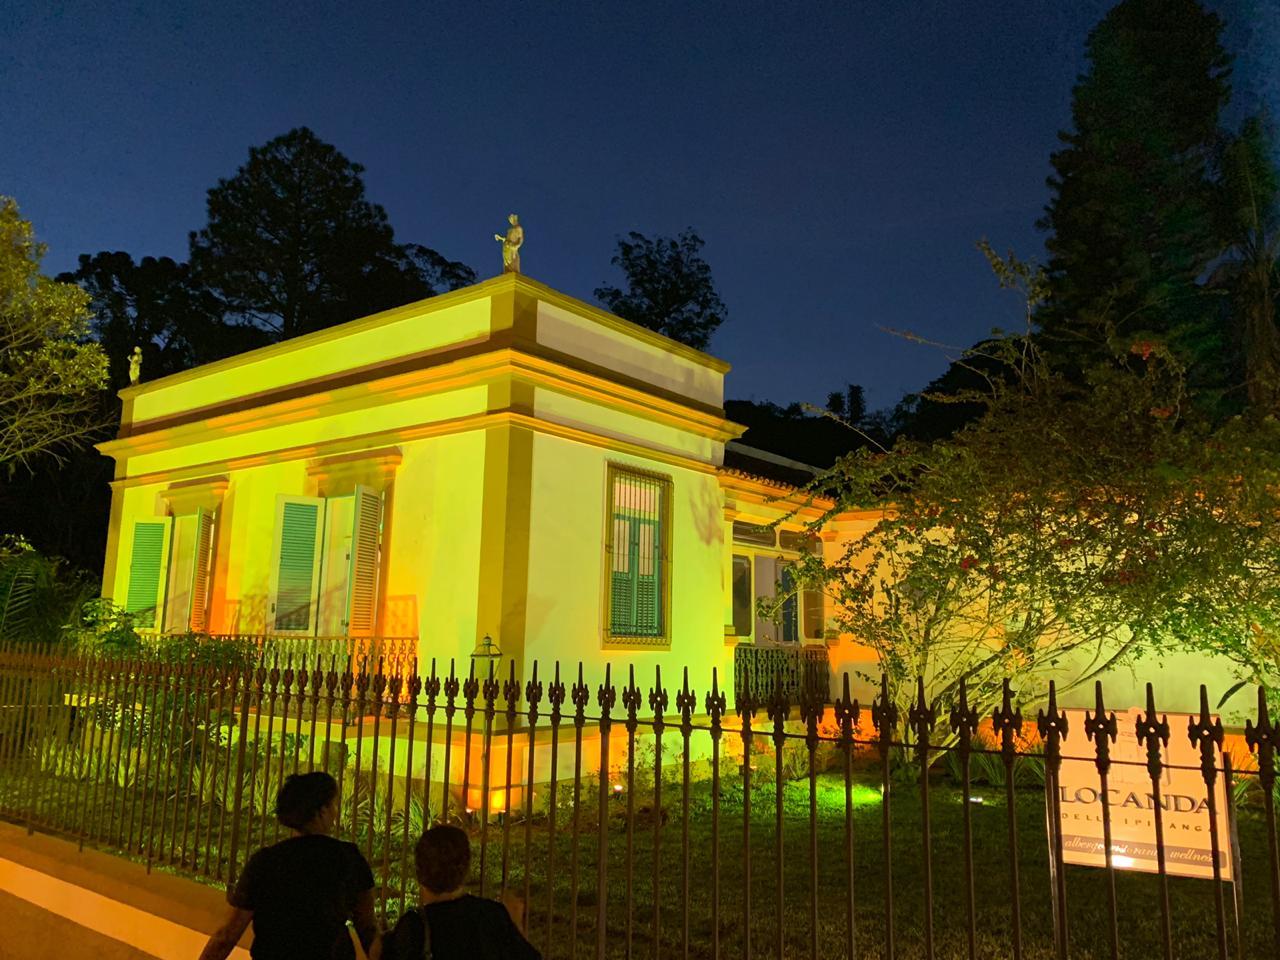 Trattoria Locanda - Novo restaurante no Centro Histórico é opção para turistas e moradores, em Petrópolis